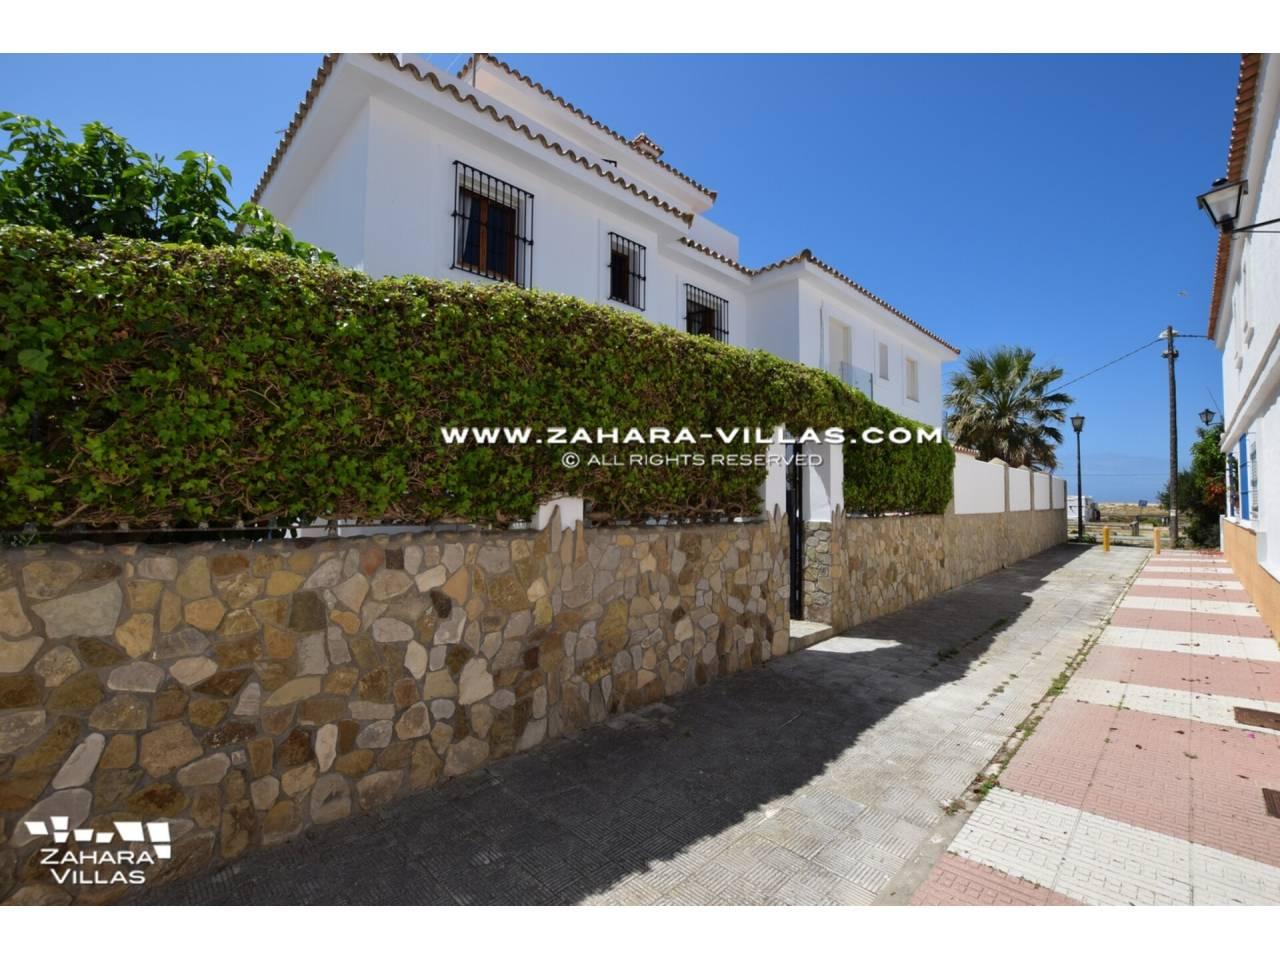 Imagen 2 de Casa en venta en segunda línea de playa, con vistas al mar en Zahara de los Atunes